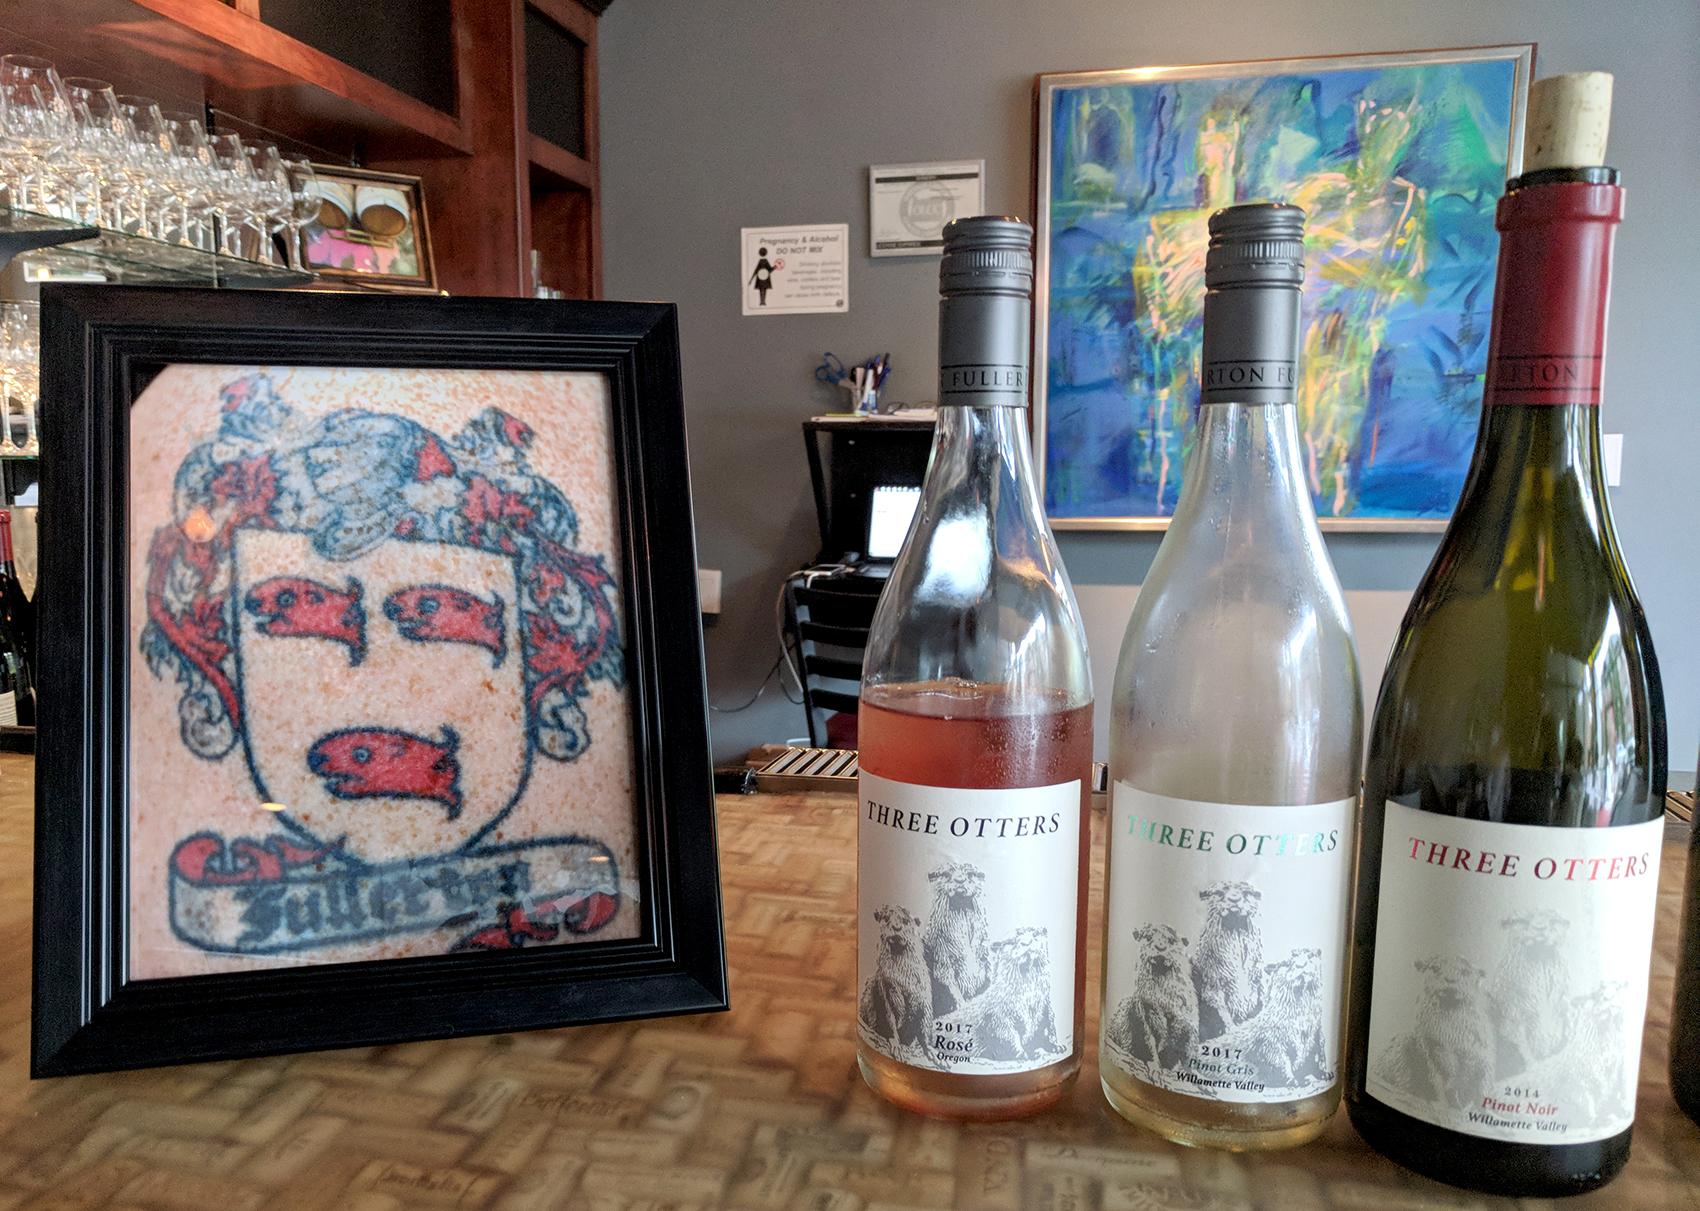 Fullerton-Wines-bottles.jpg